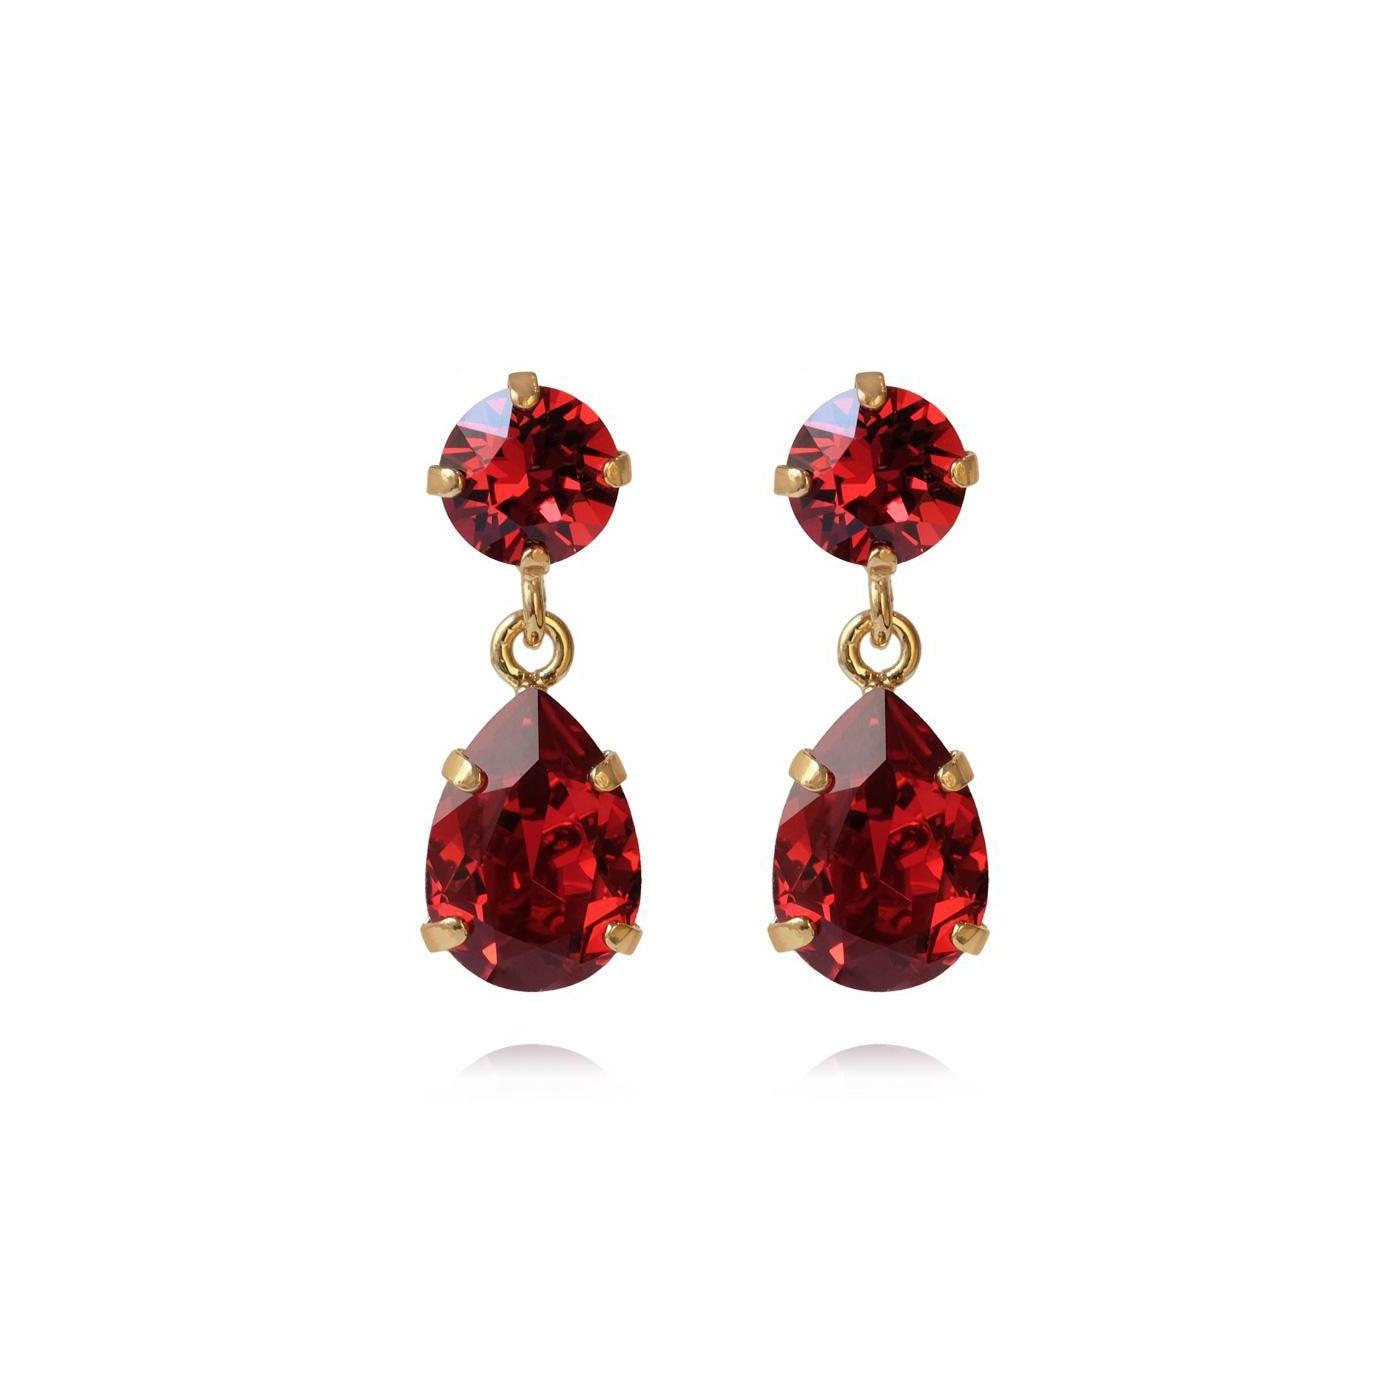 KIZZY Jewellery Mini Cooper red resin drop dangly earrings